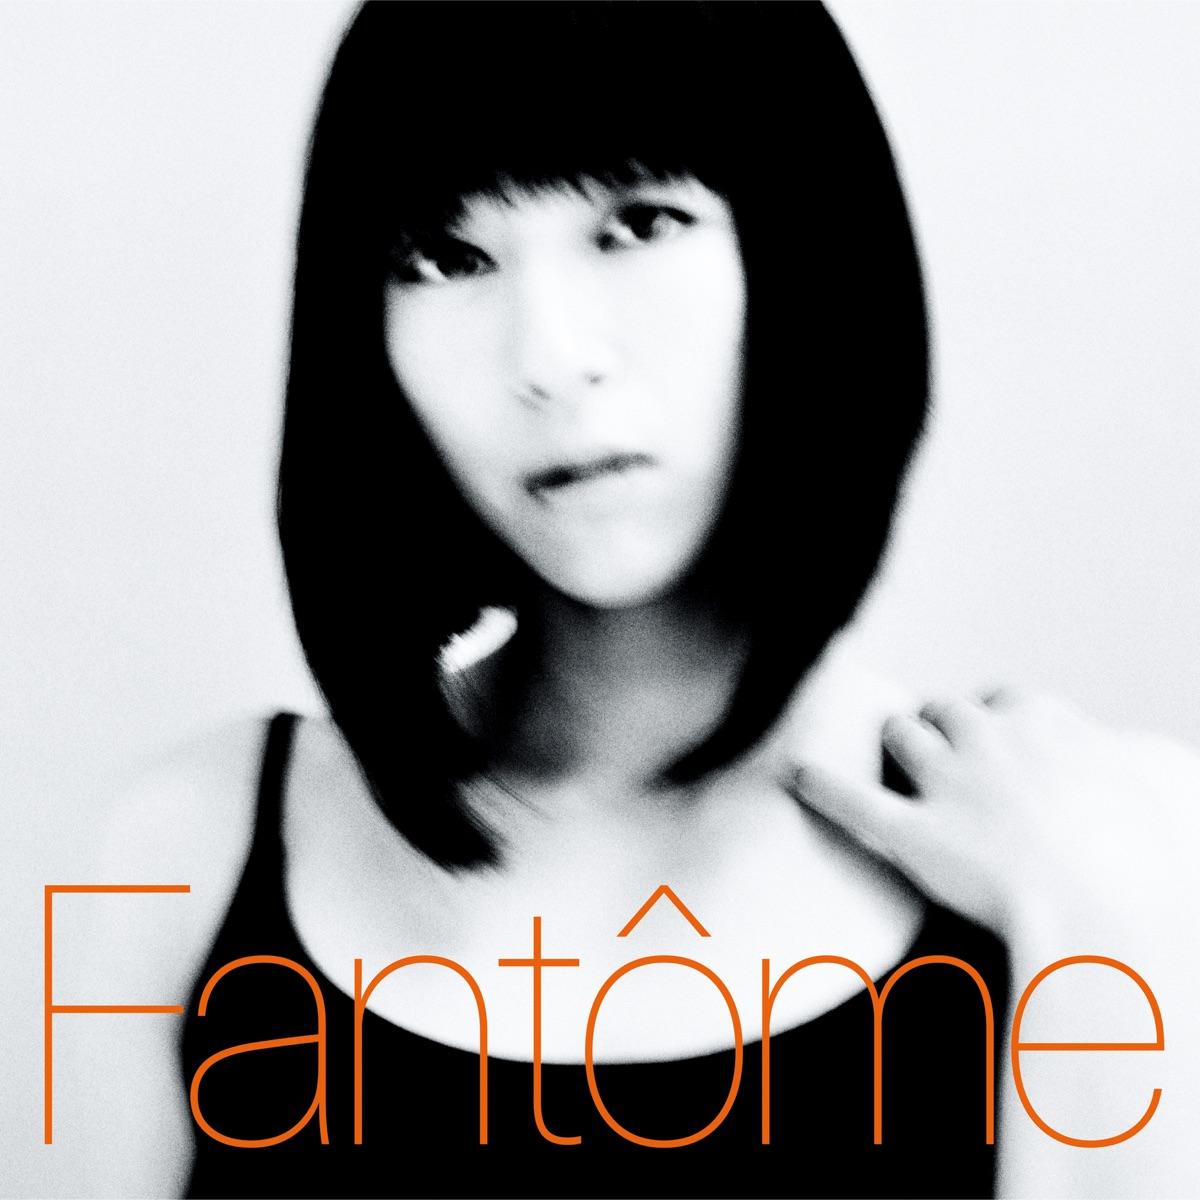 Fantôme Utada Hikaru CD cover